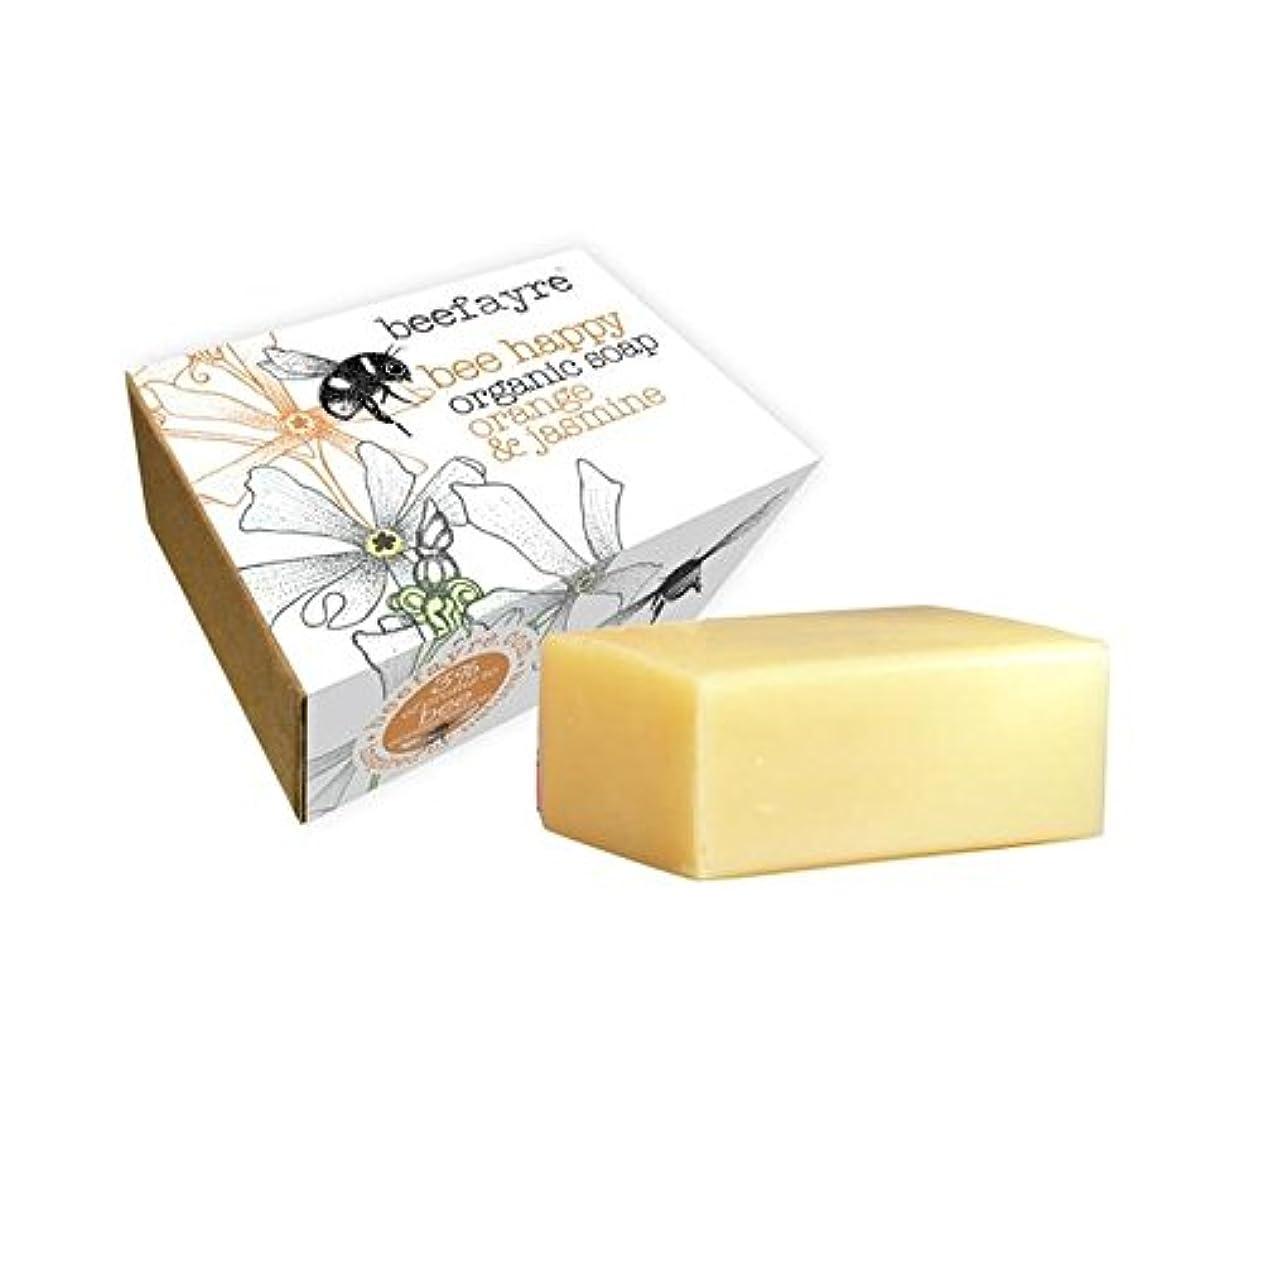 定義回転させるカレッジ[Beefayre] 有機オレンジ&ジャスミン石鹸Beefayre - Beefayre Organic Orange & Jasmine Soap [並行輸入品]